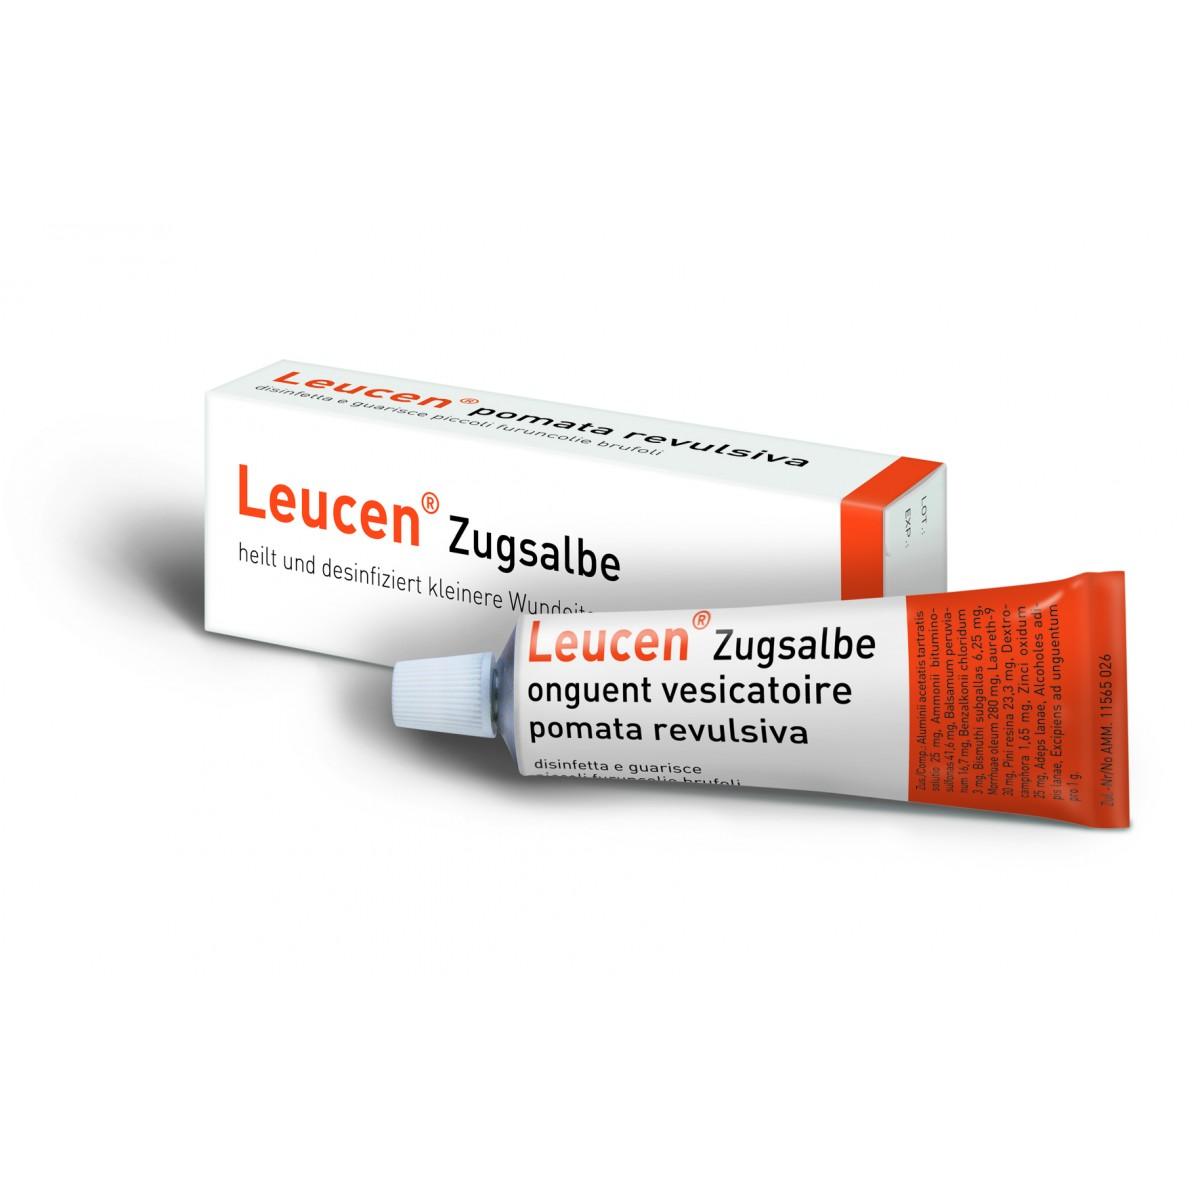 Leucen Zugsalbe 30 g